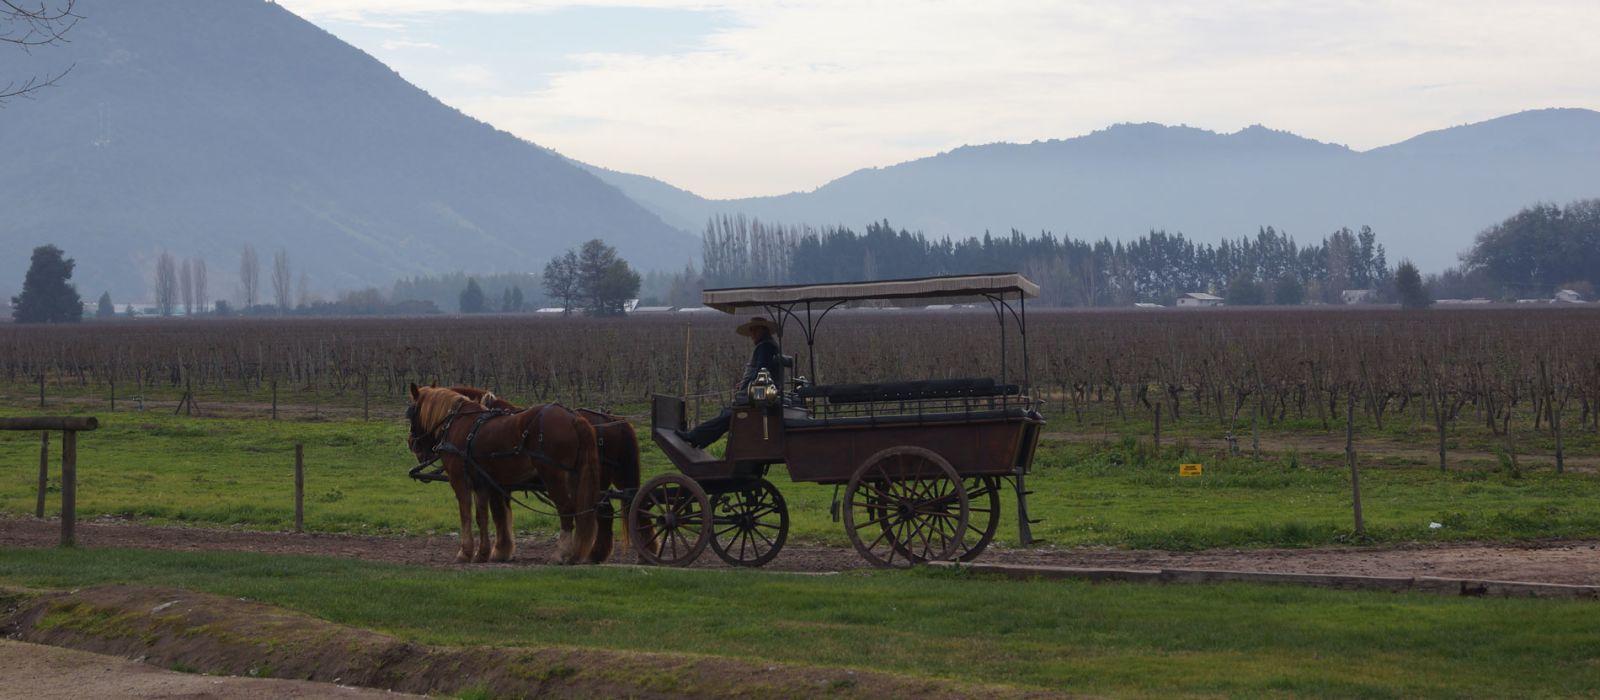 Destination Colchagua Chile